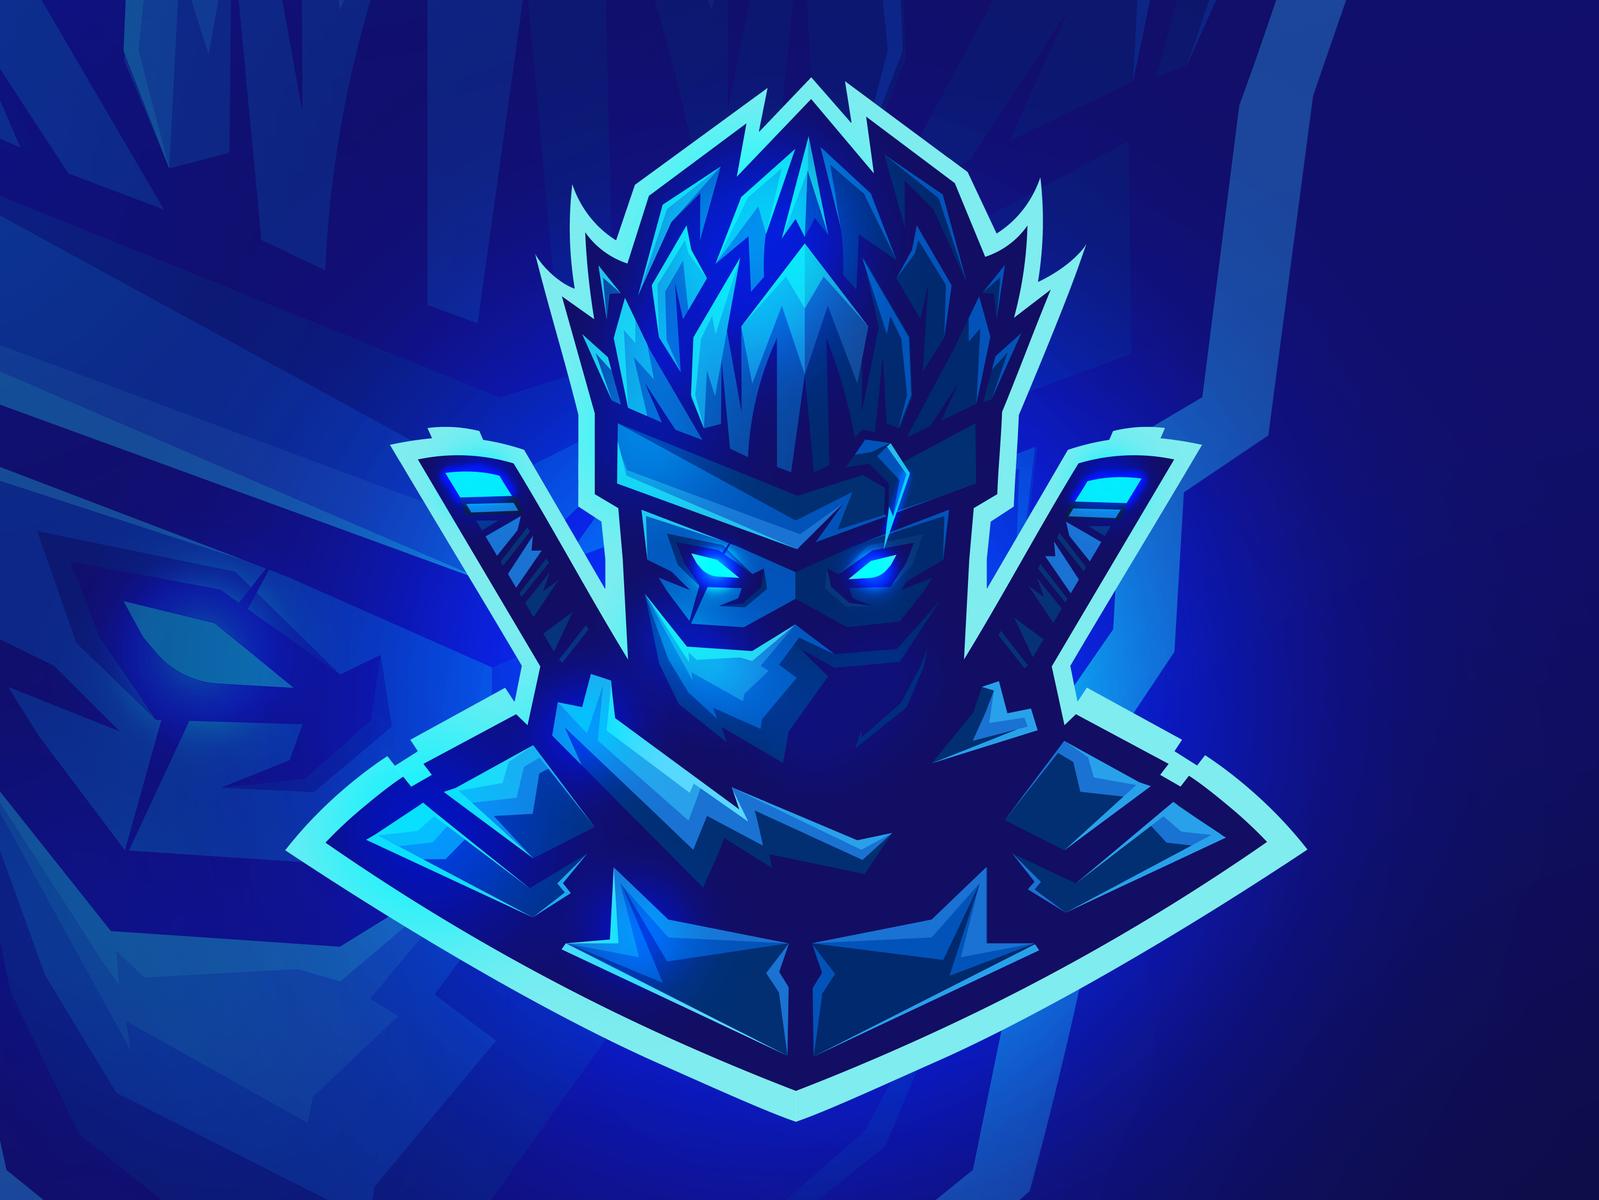 Saiyan Ninja Esports Logotipo De Arte Desenho De Asas De Anjo Imagem De Fundo Para Iphone